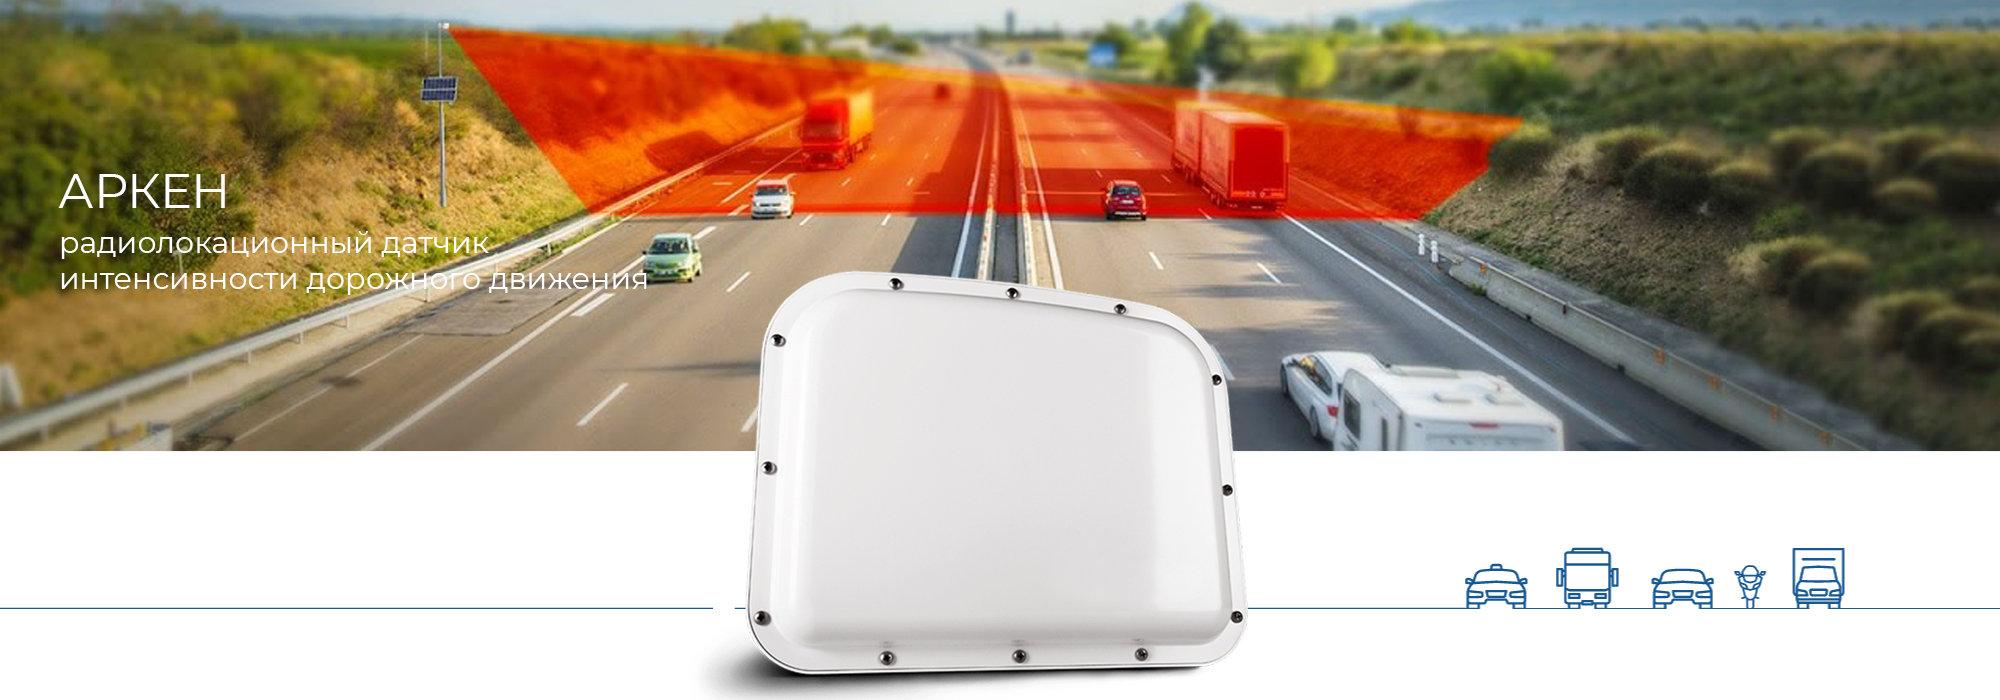 Аркен-радиолокационный-датчик-интенсивности-дорожного-движения